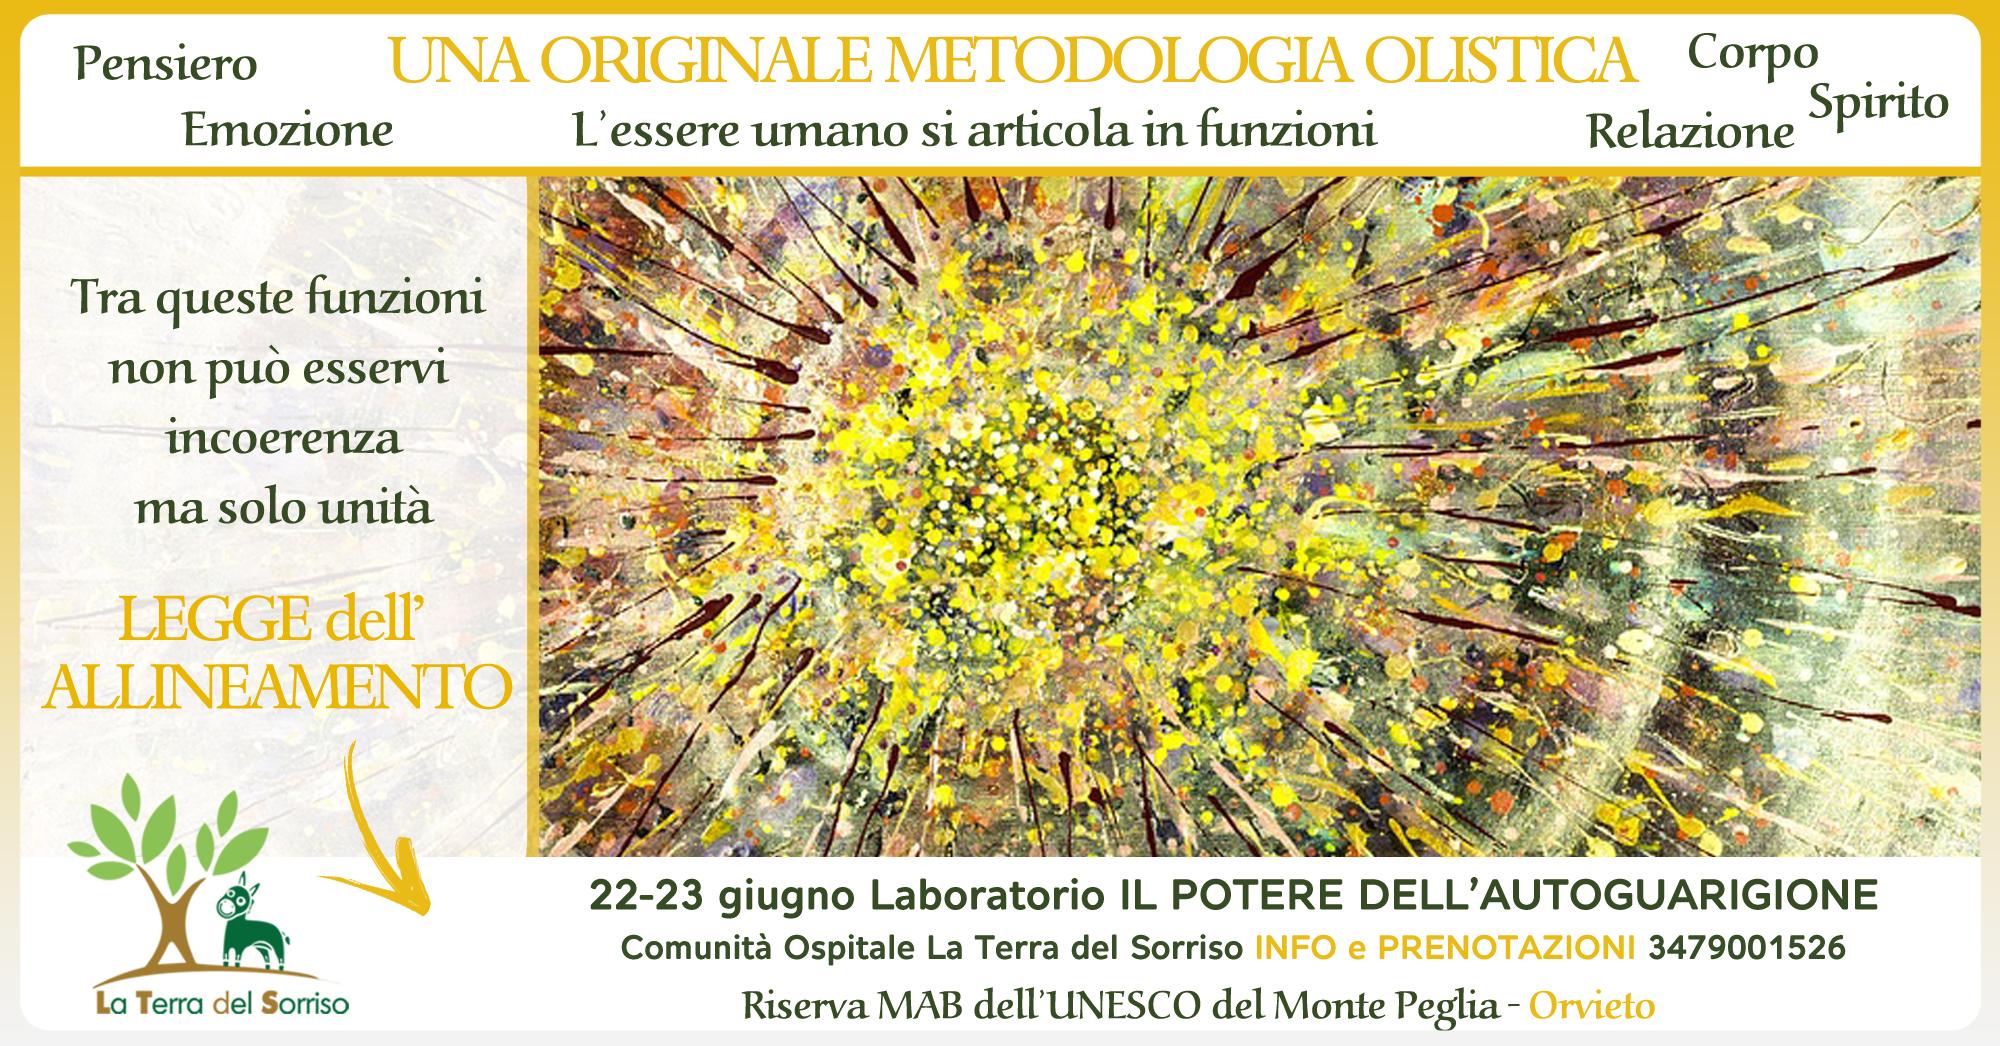 UNA ORIGINALE METODOLOGIA OLISTICA